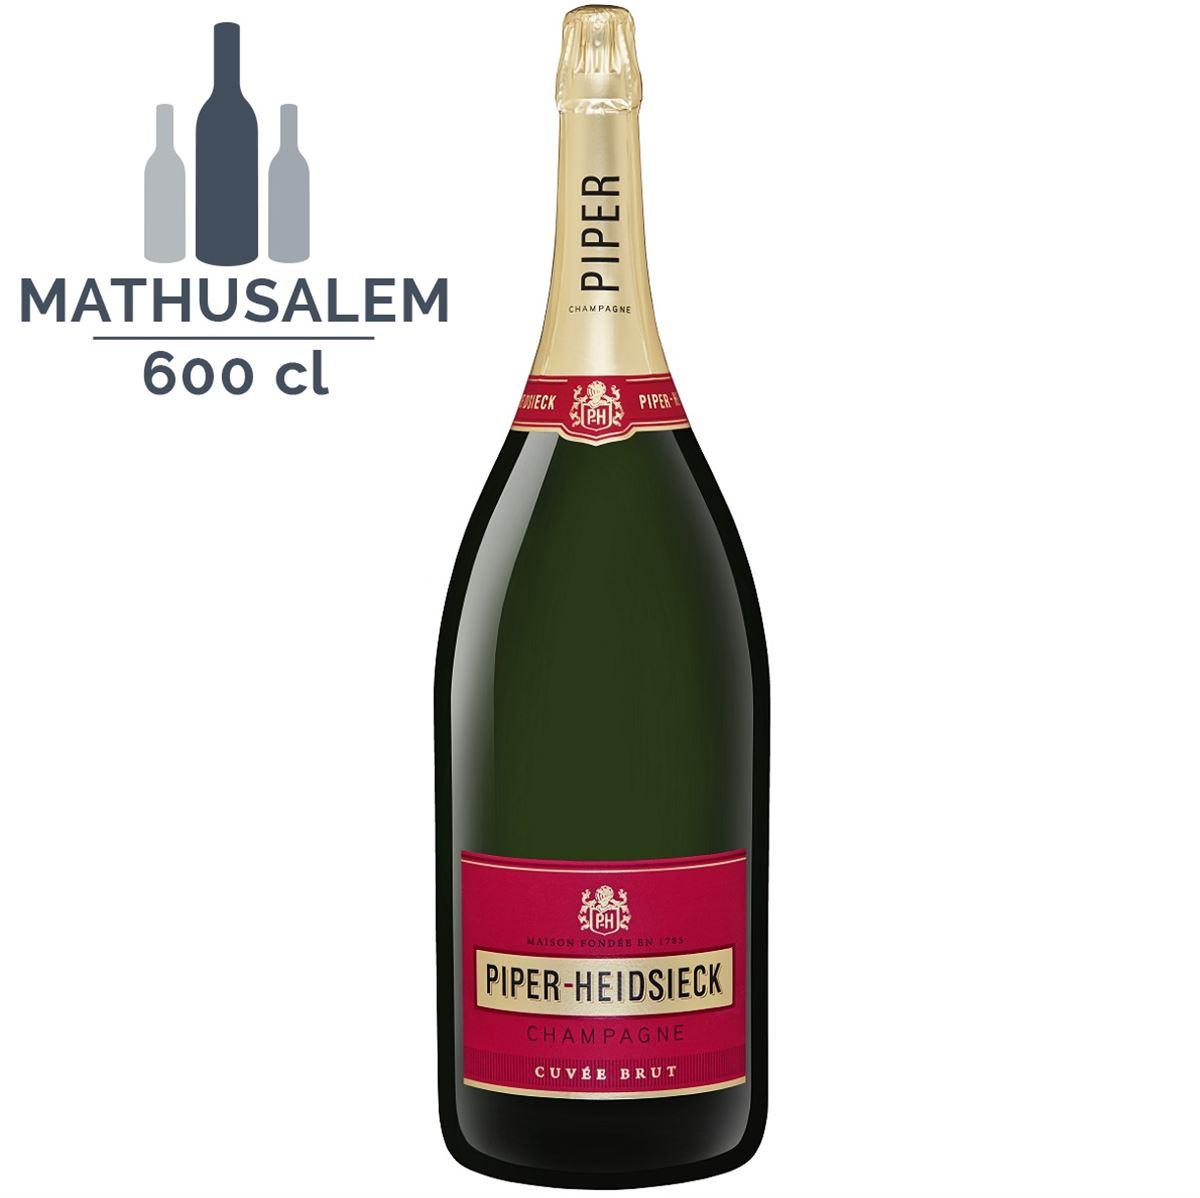 Champagne PIPER-HEIDSIECK AVEC CAISSE BOIS, CUVÉE BRUT CHAMPAGNE AOP BLANC - Mathusalem 6 Litres